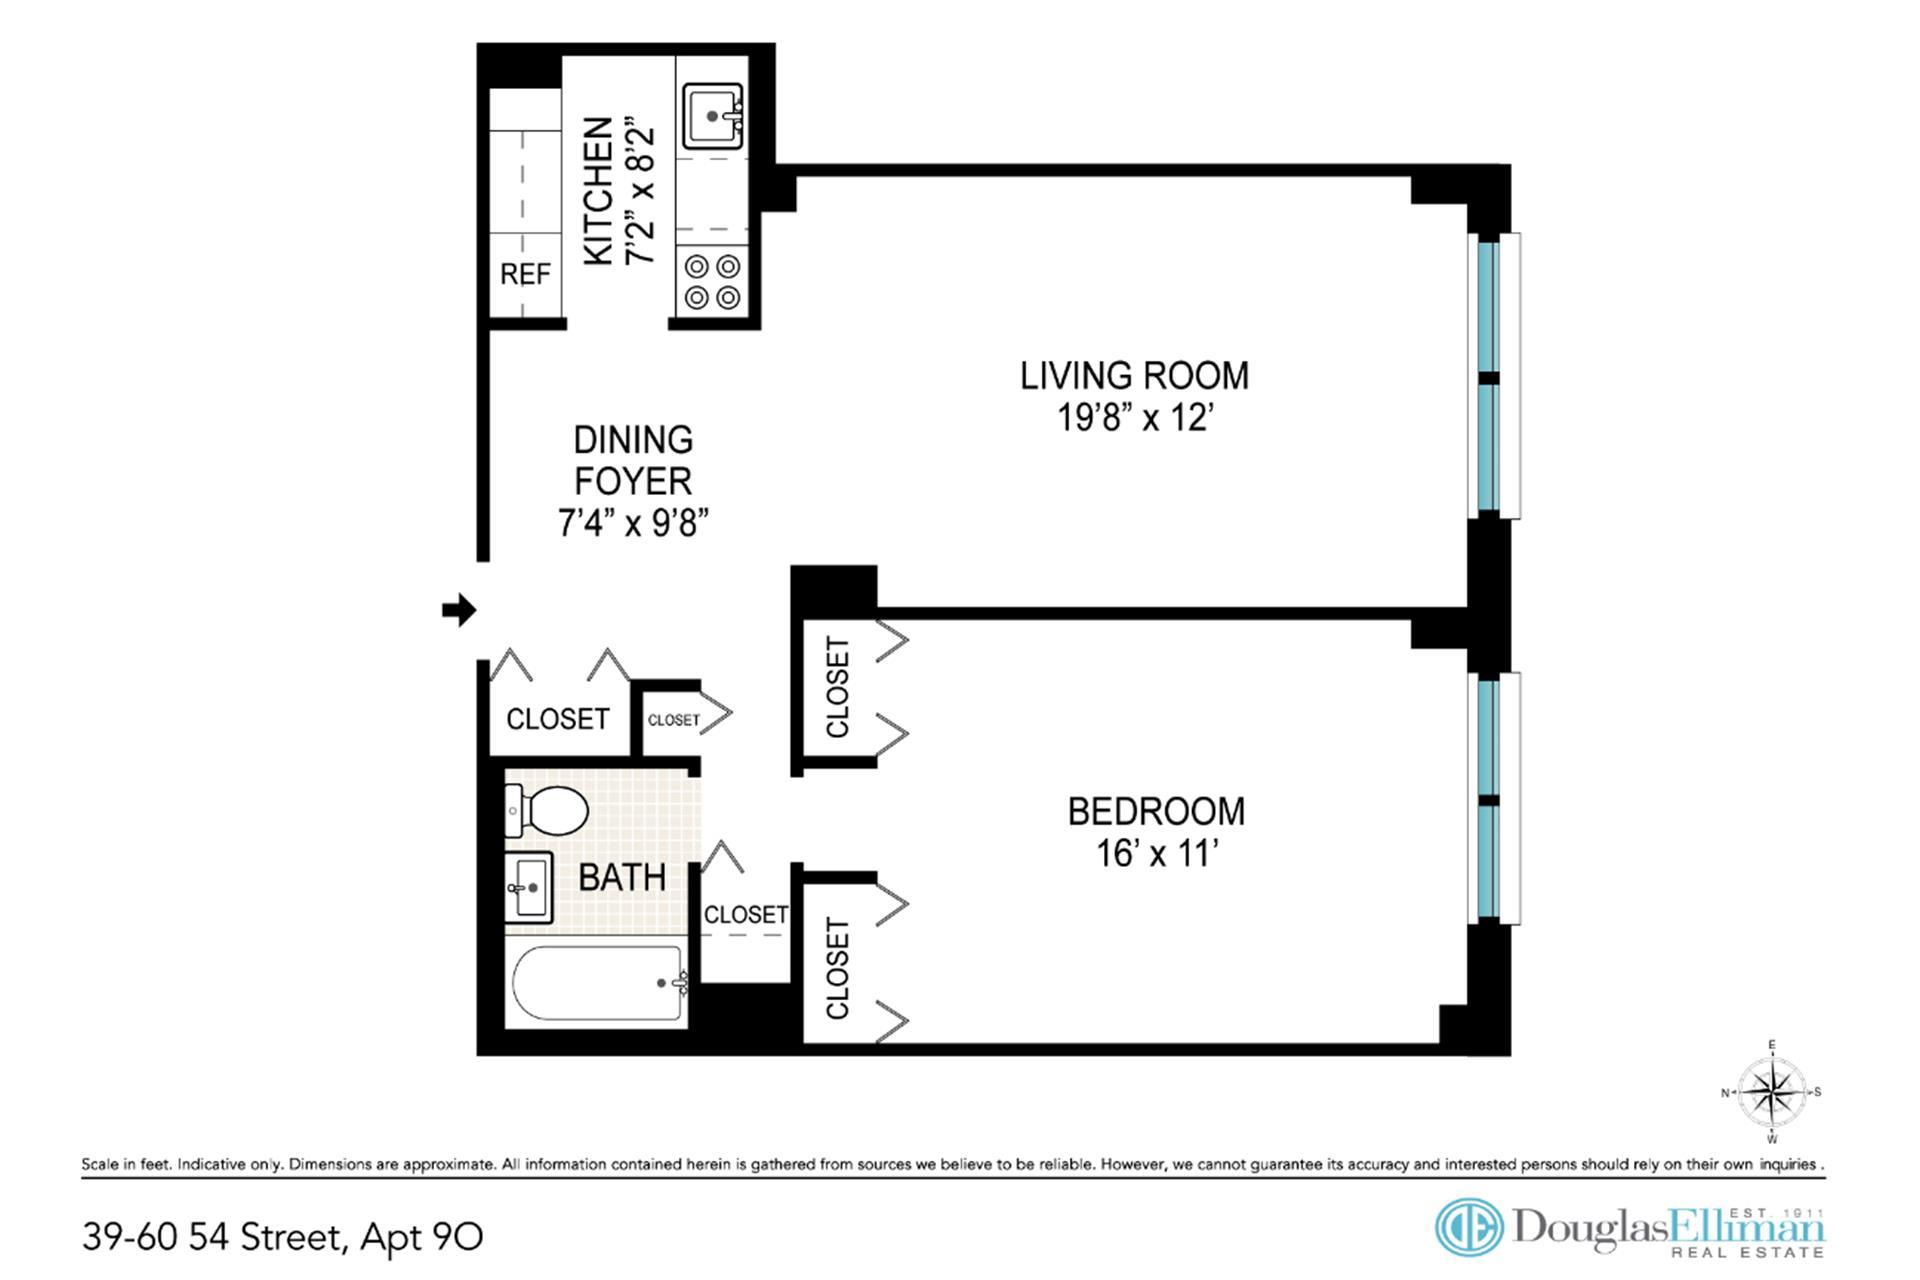 Floor plan of 39-60 54th St, 9O - Woodside, New York